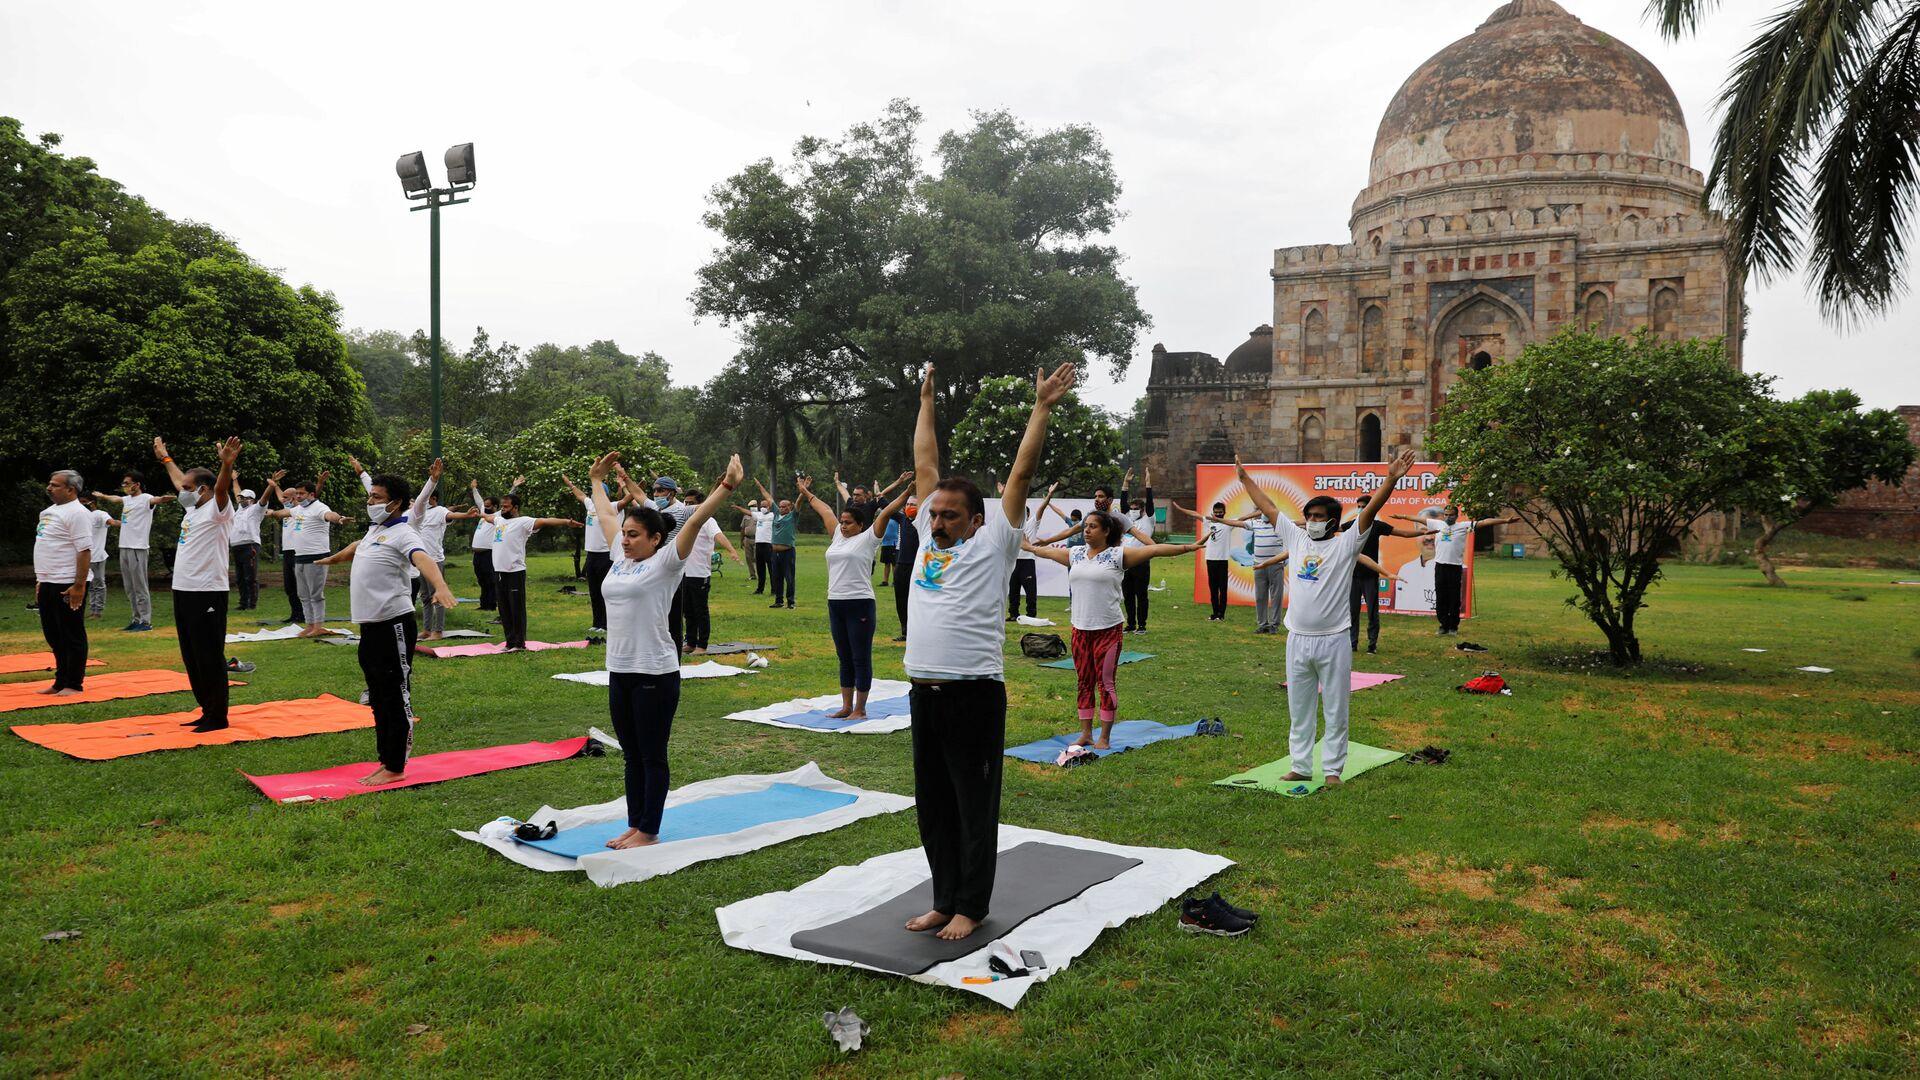 Люди во время занятия в Международный день йоги, Нью-Дели - Sputnik Italia, 1920, 22.05.2021